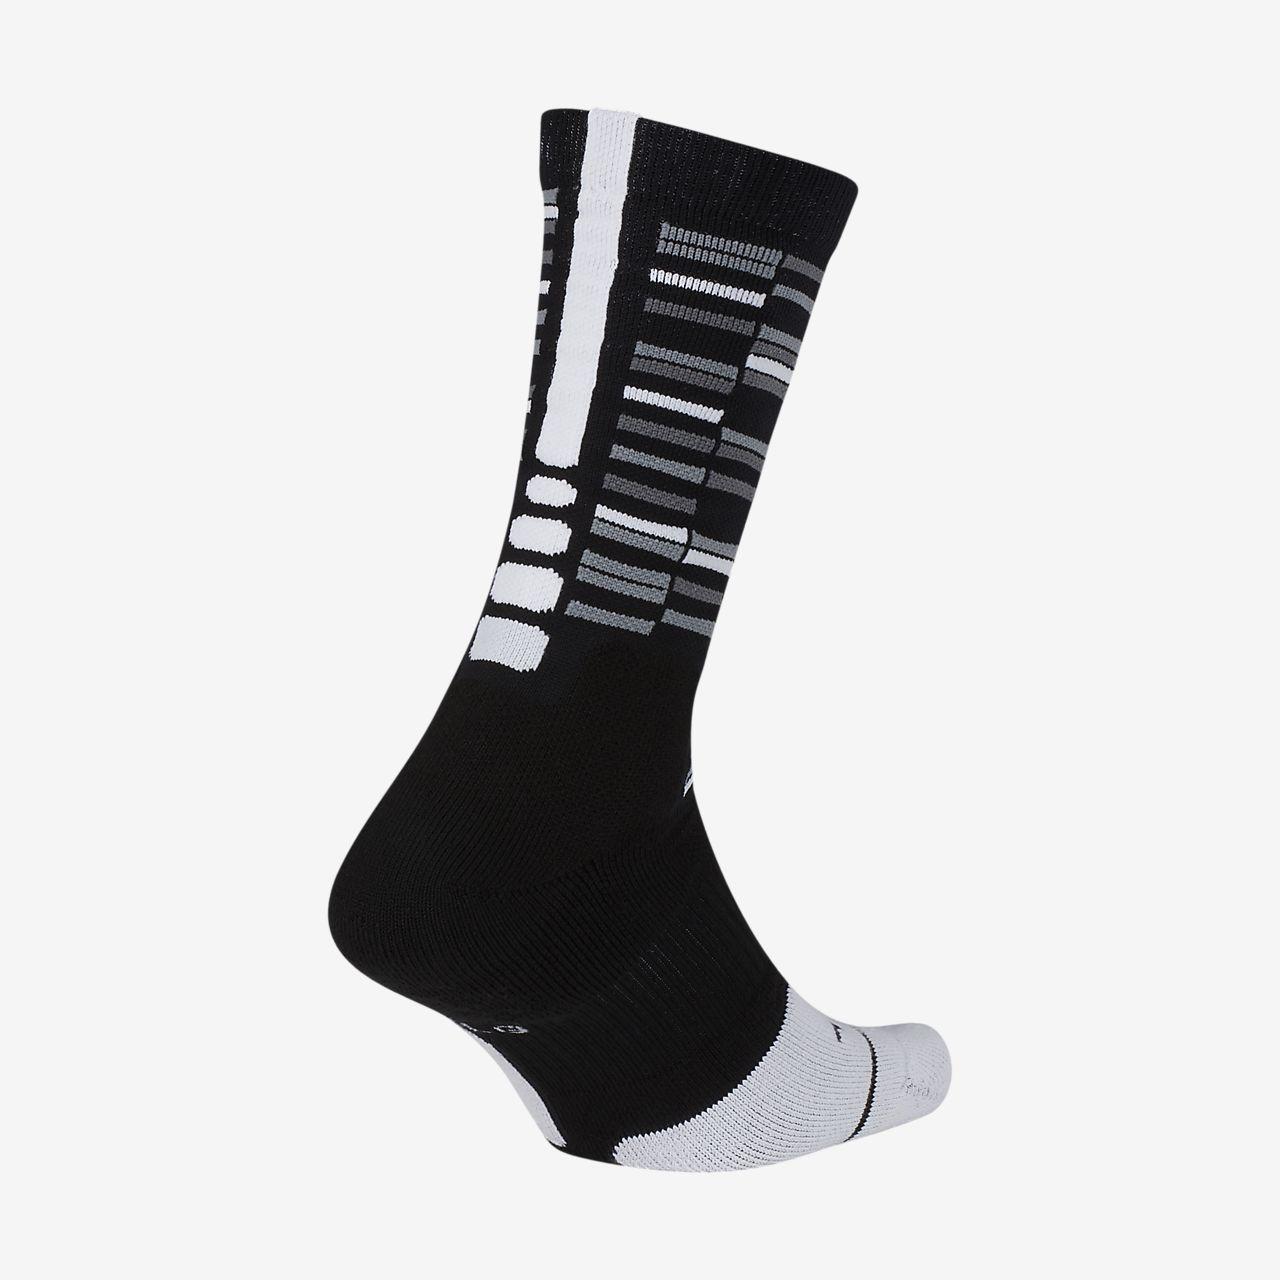 Calcetines de básquetbol Nike Elite Crew